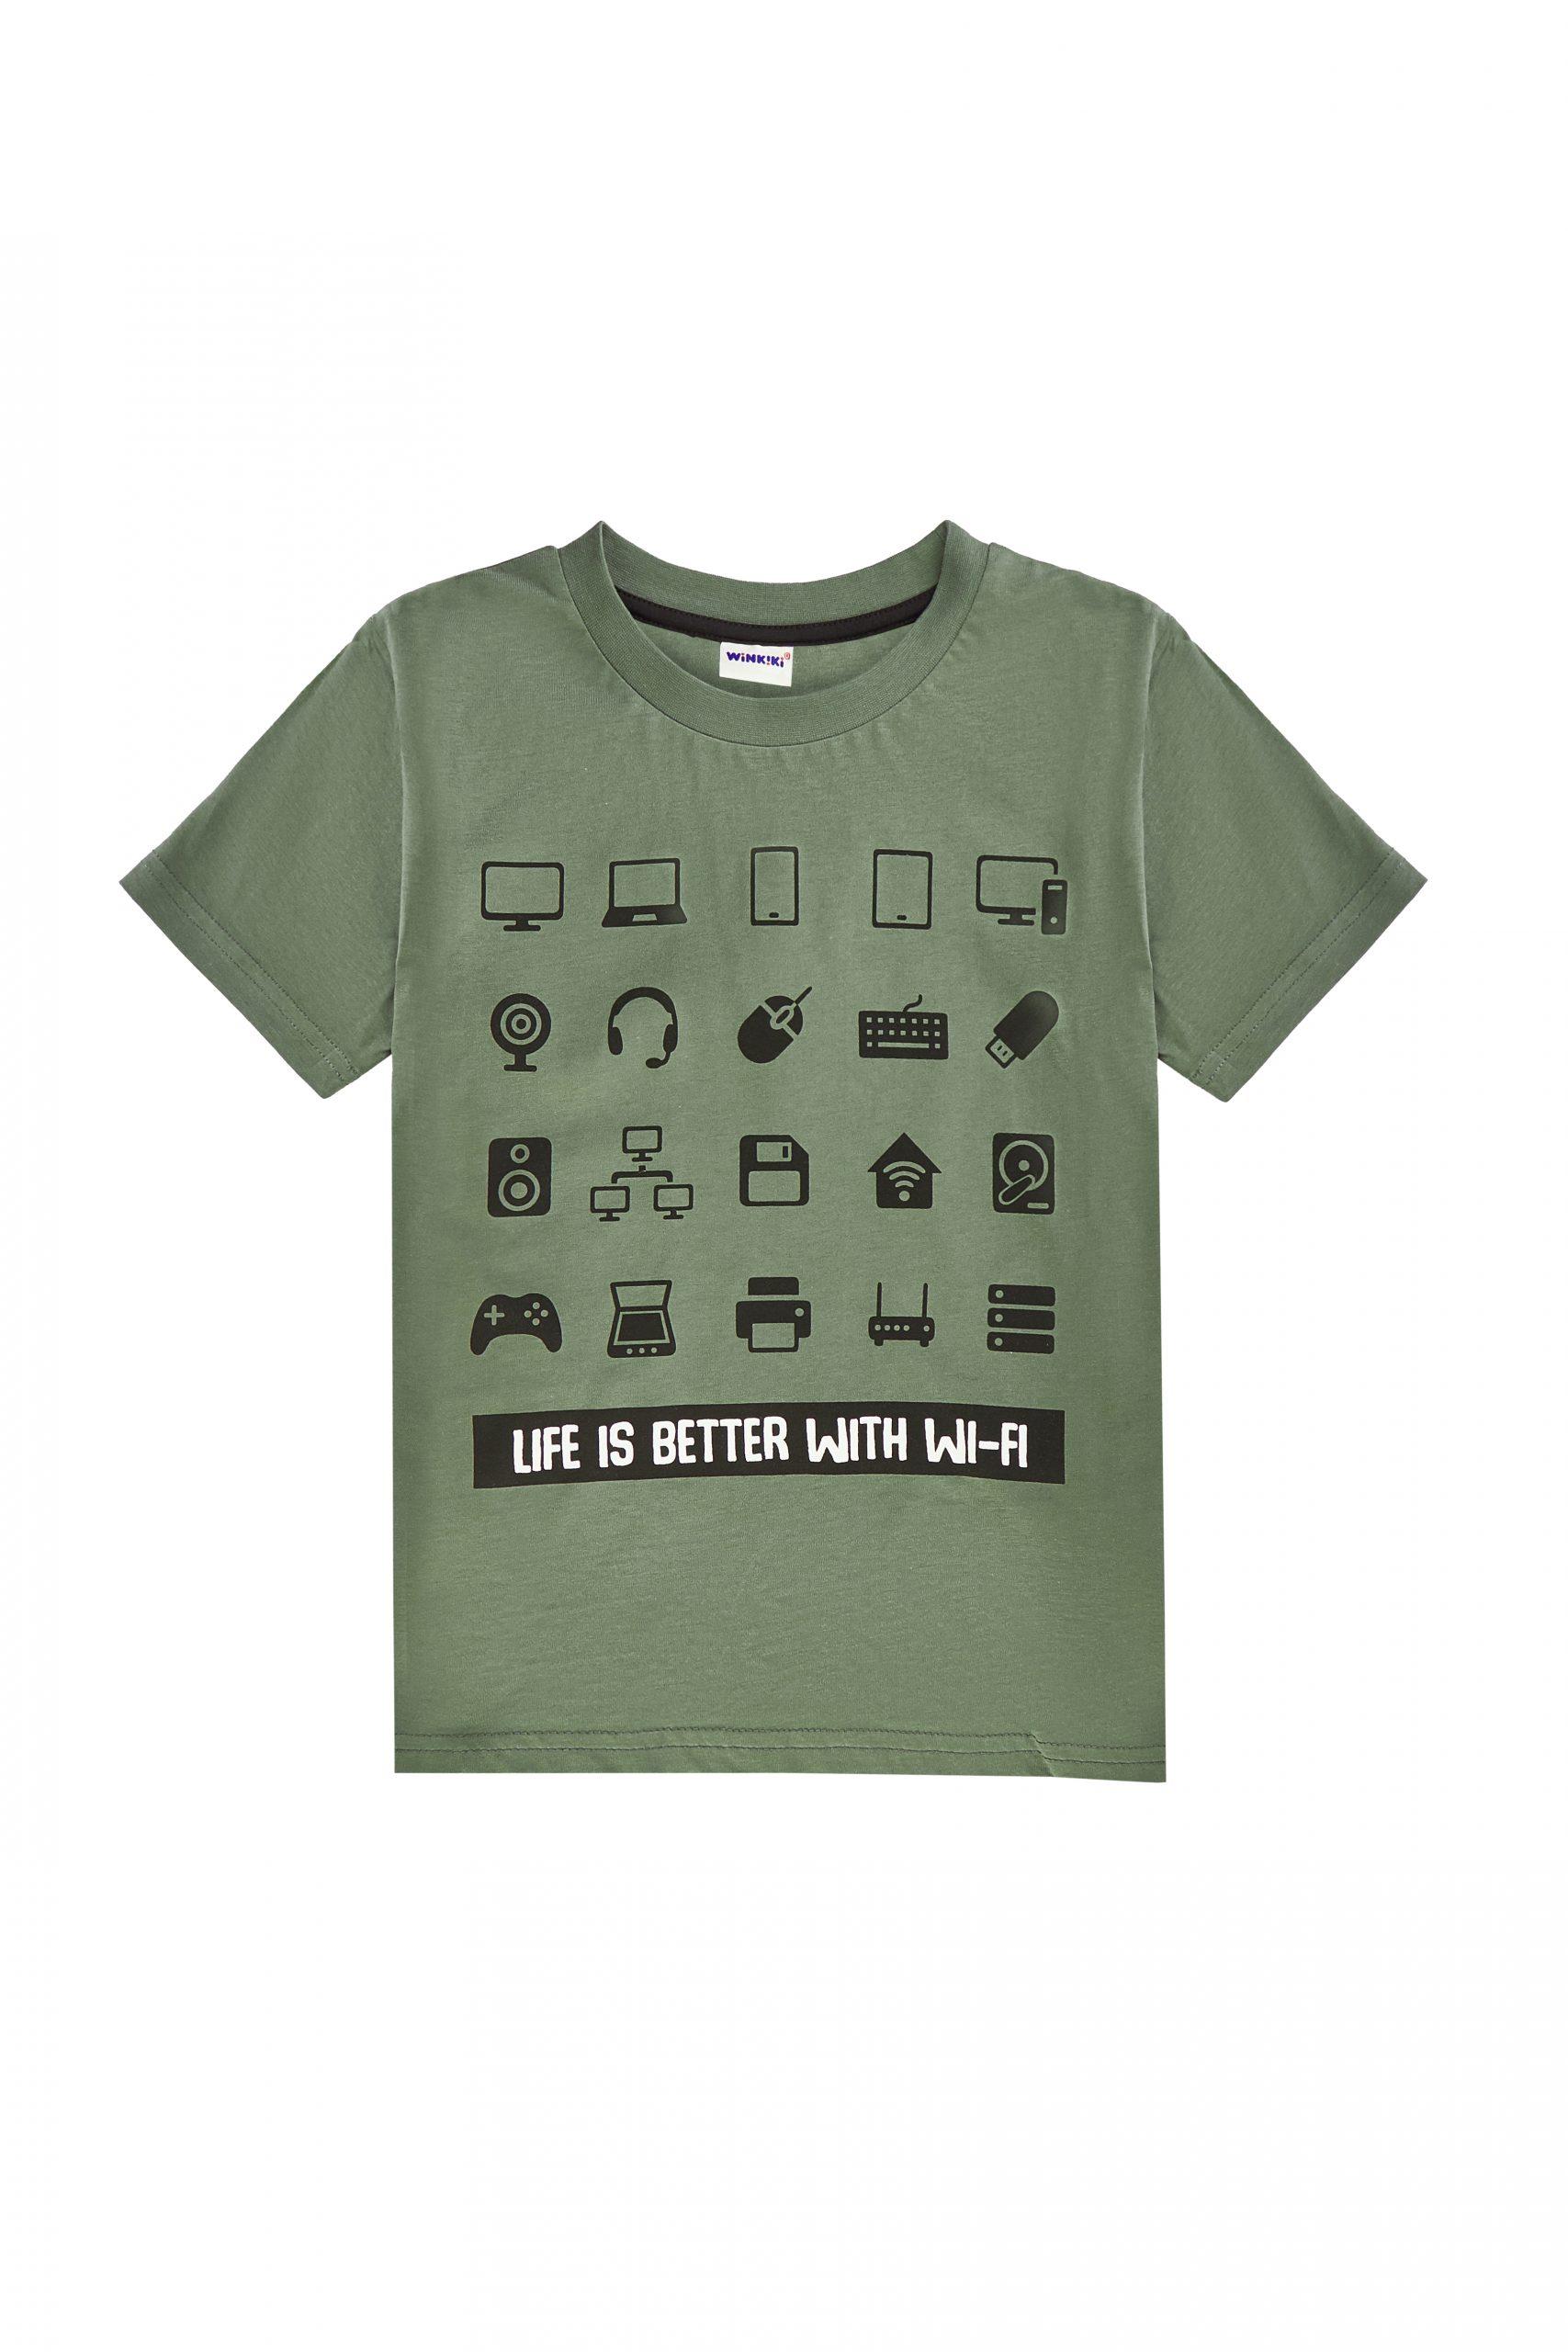 Chlapecké tričko American Gamer - khaki Černá, Khaki, Modrý melanž